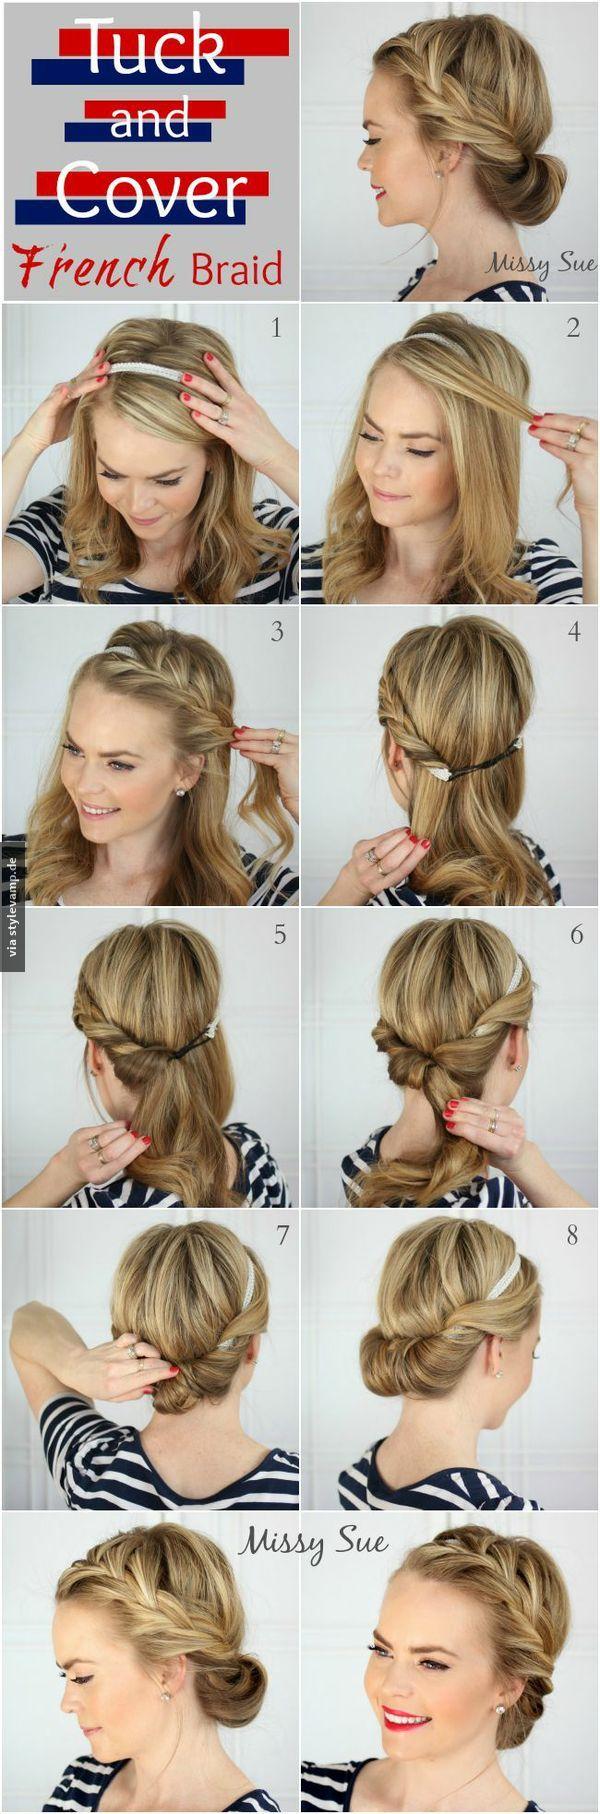 Haare hoch auf französisch haare pinterest hair style french